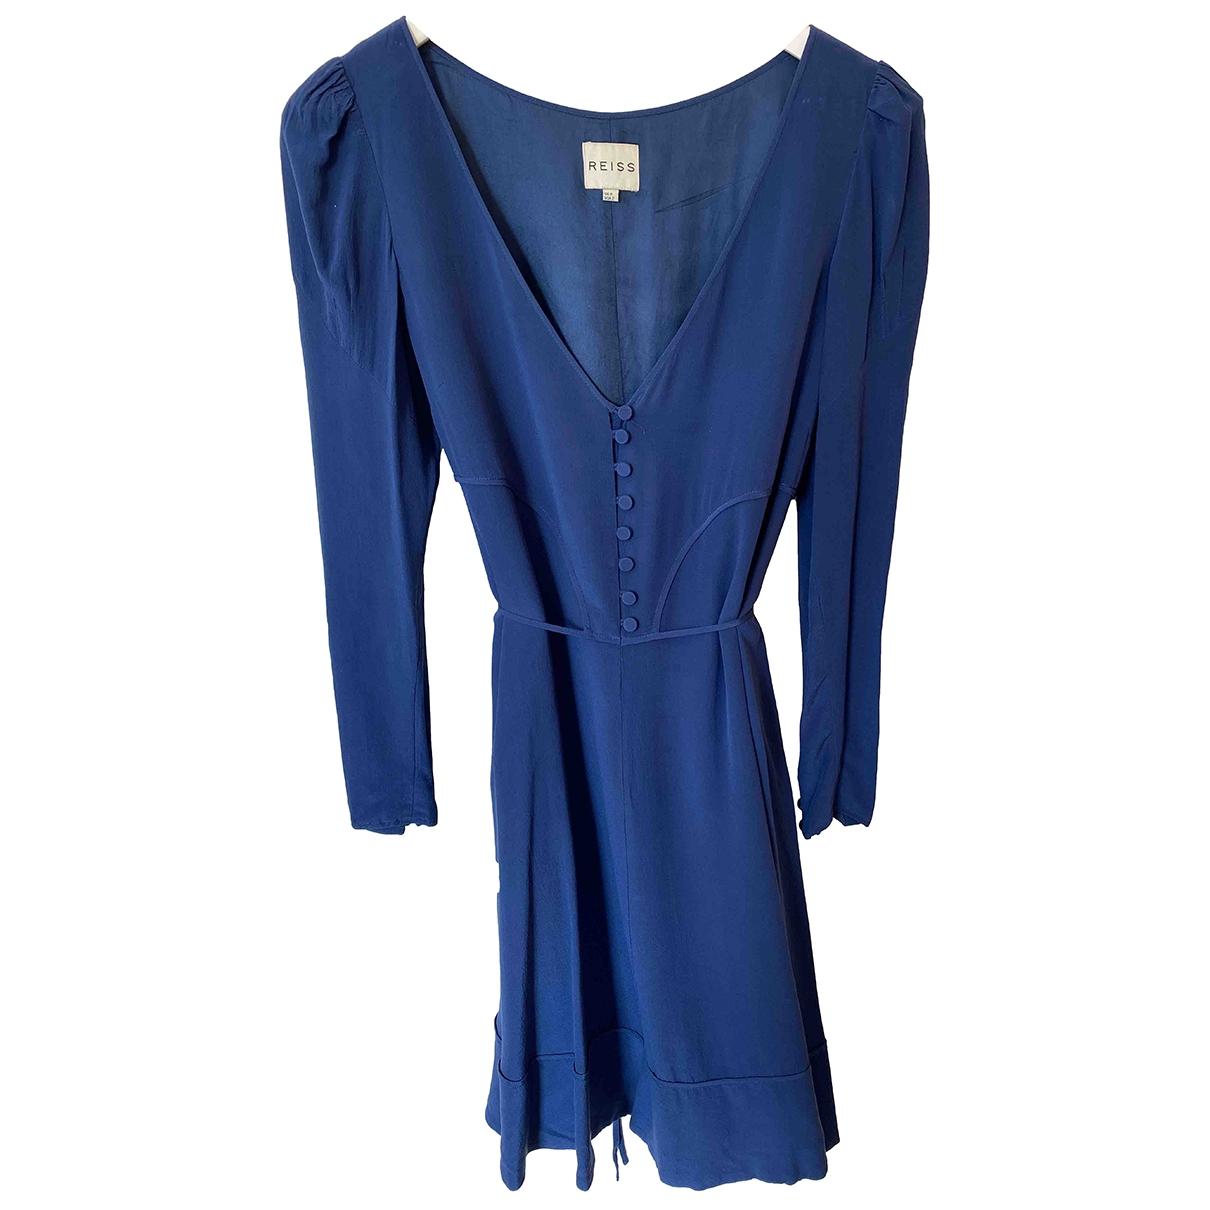 Reiss \N Kleid in  Blau Seide